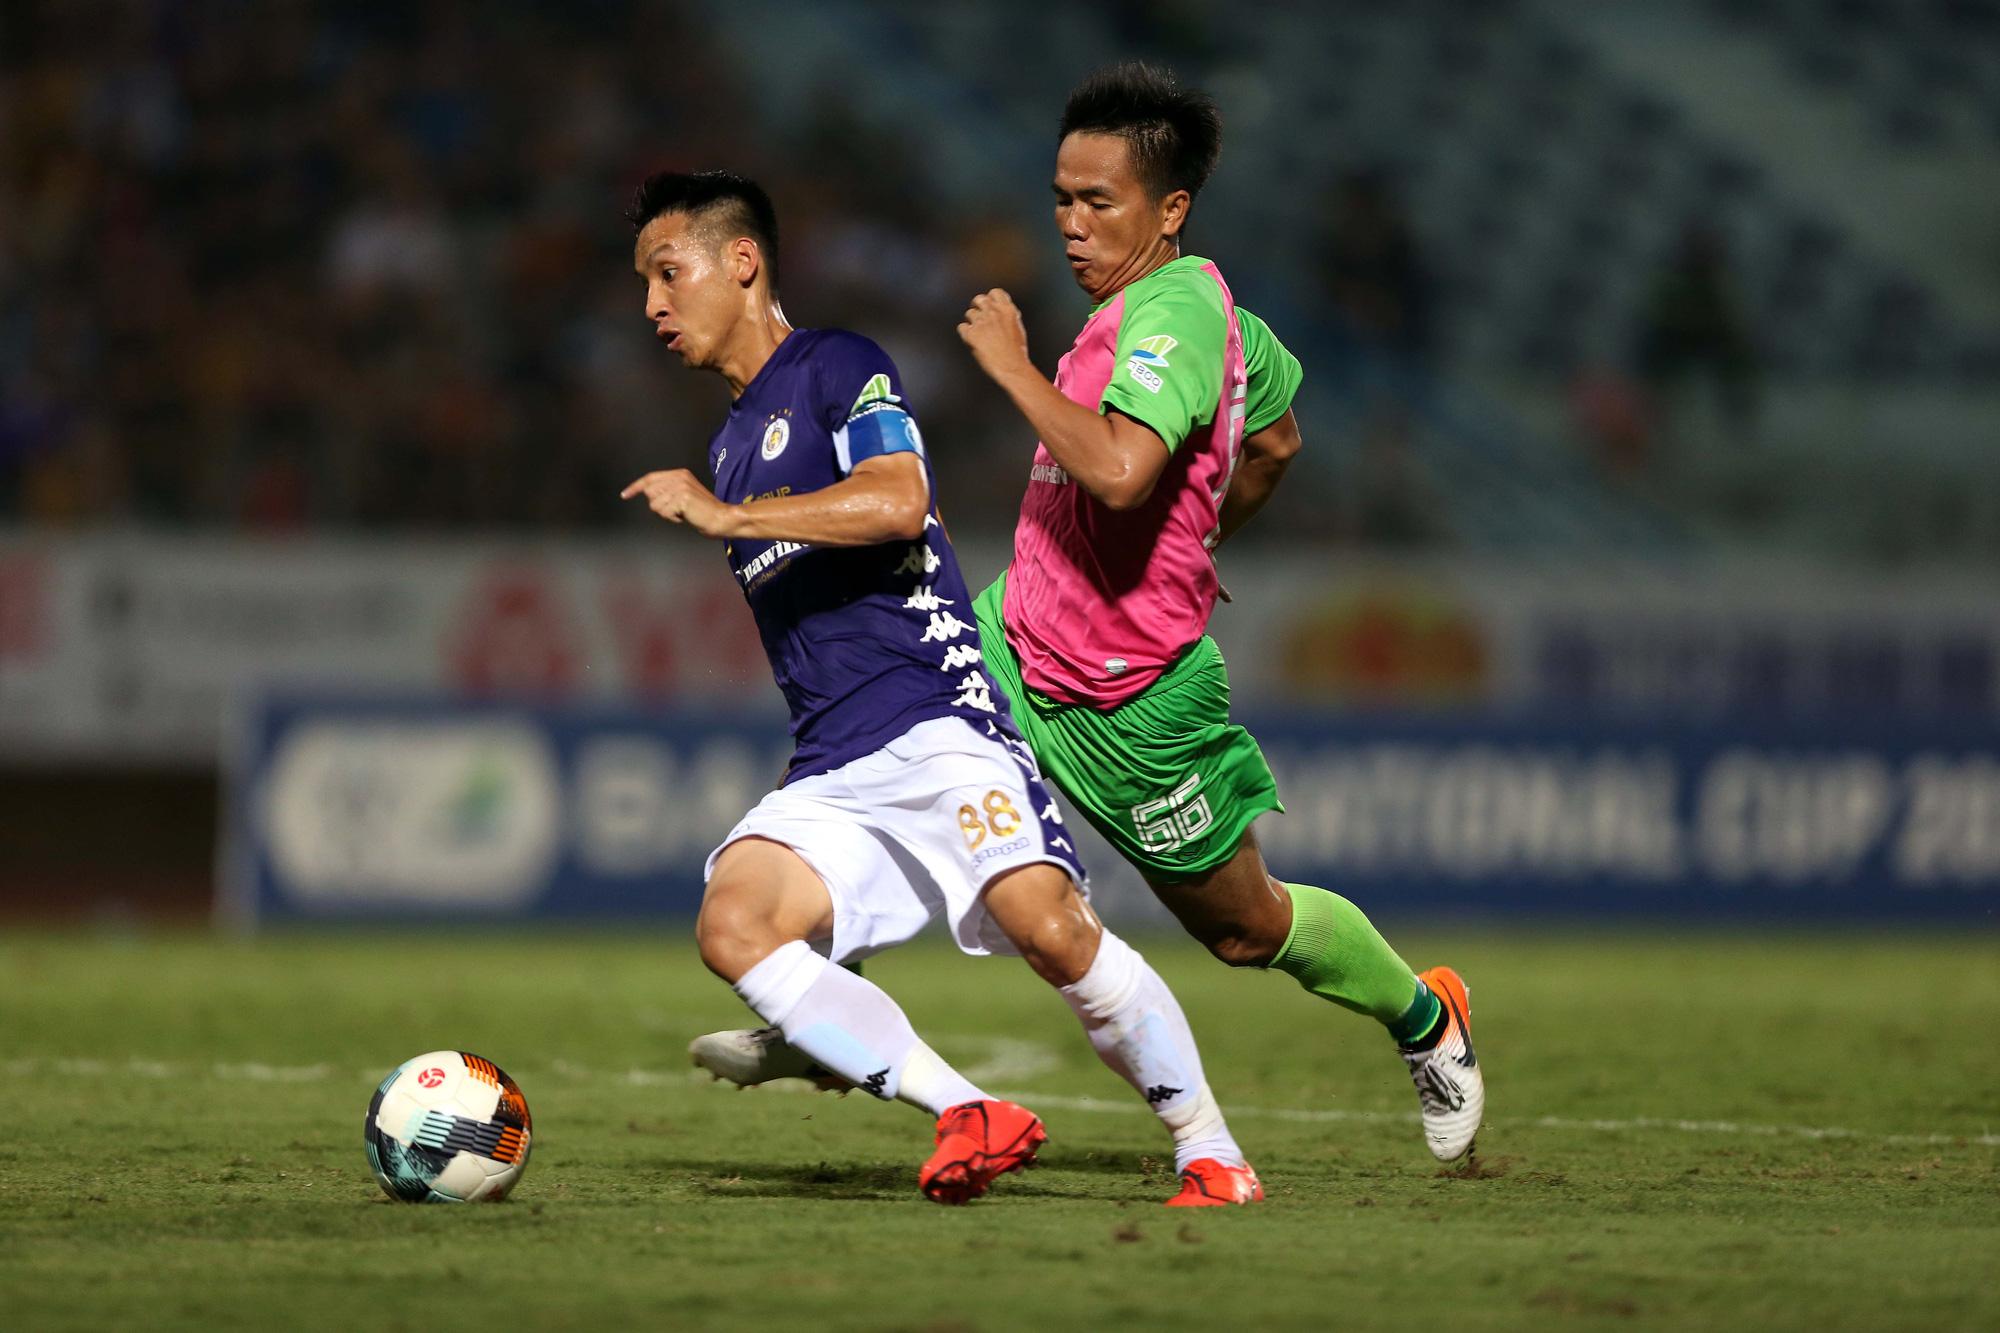 Thua thuyết phục Hà Nội FC, HLV Đồng Tháp vẫn nói cứng! - Ảnh 2.